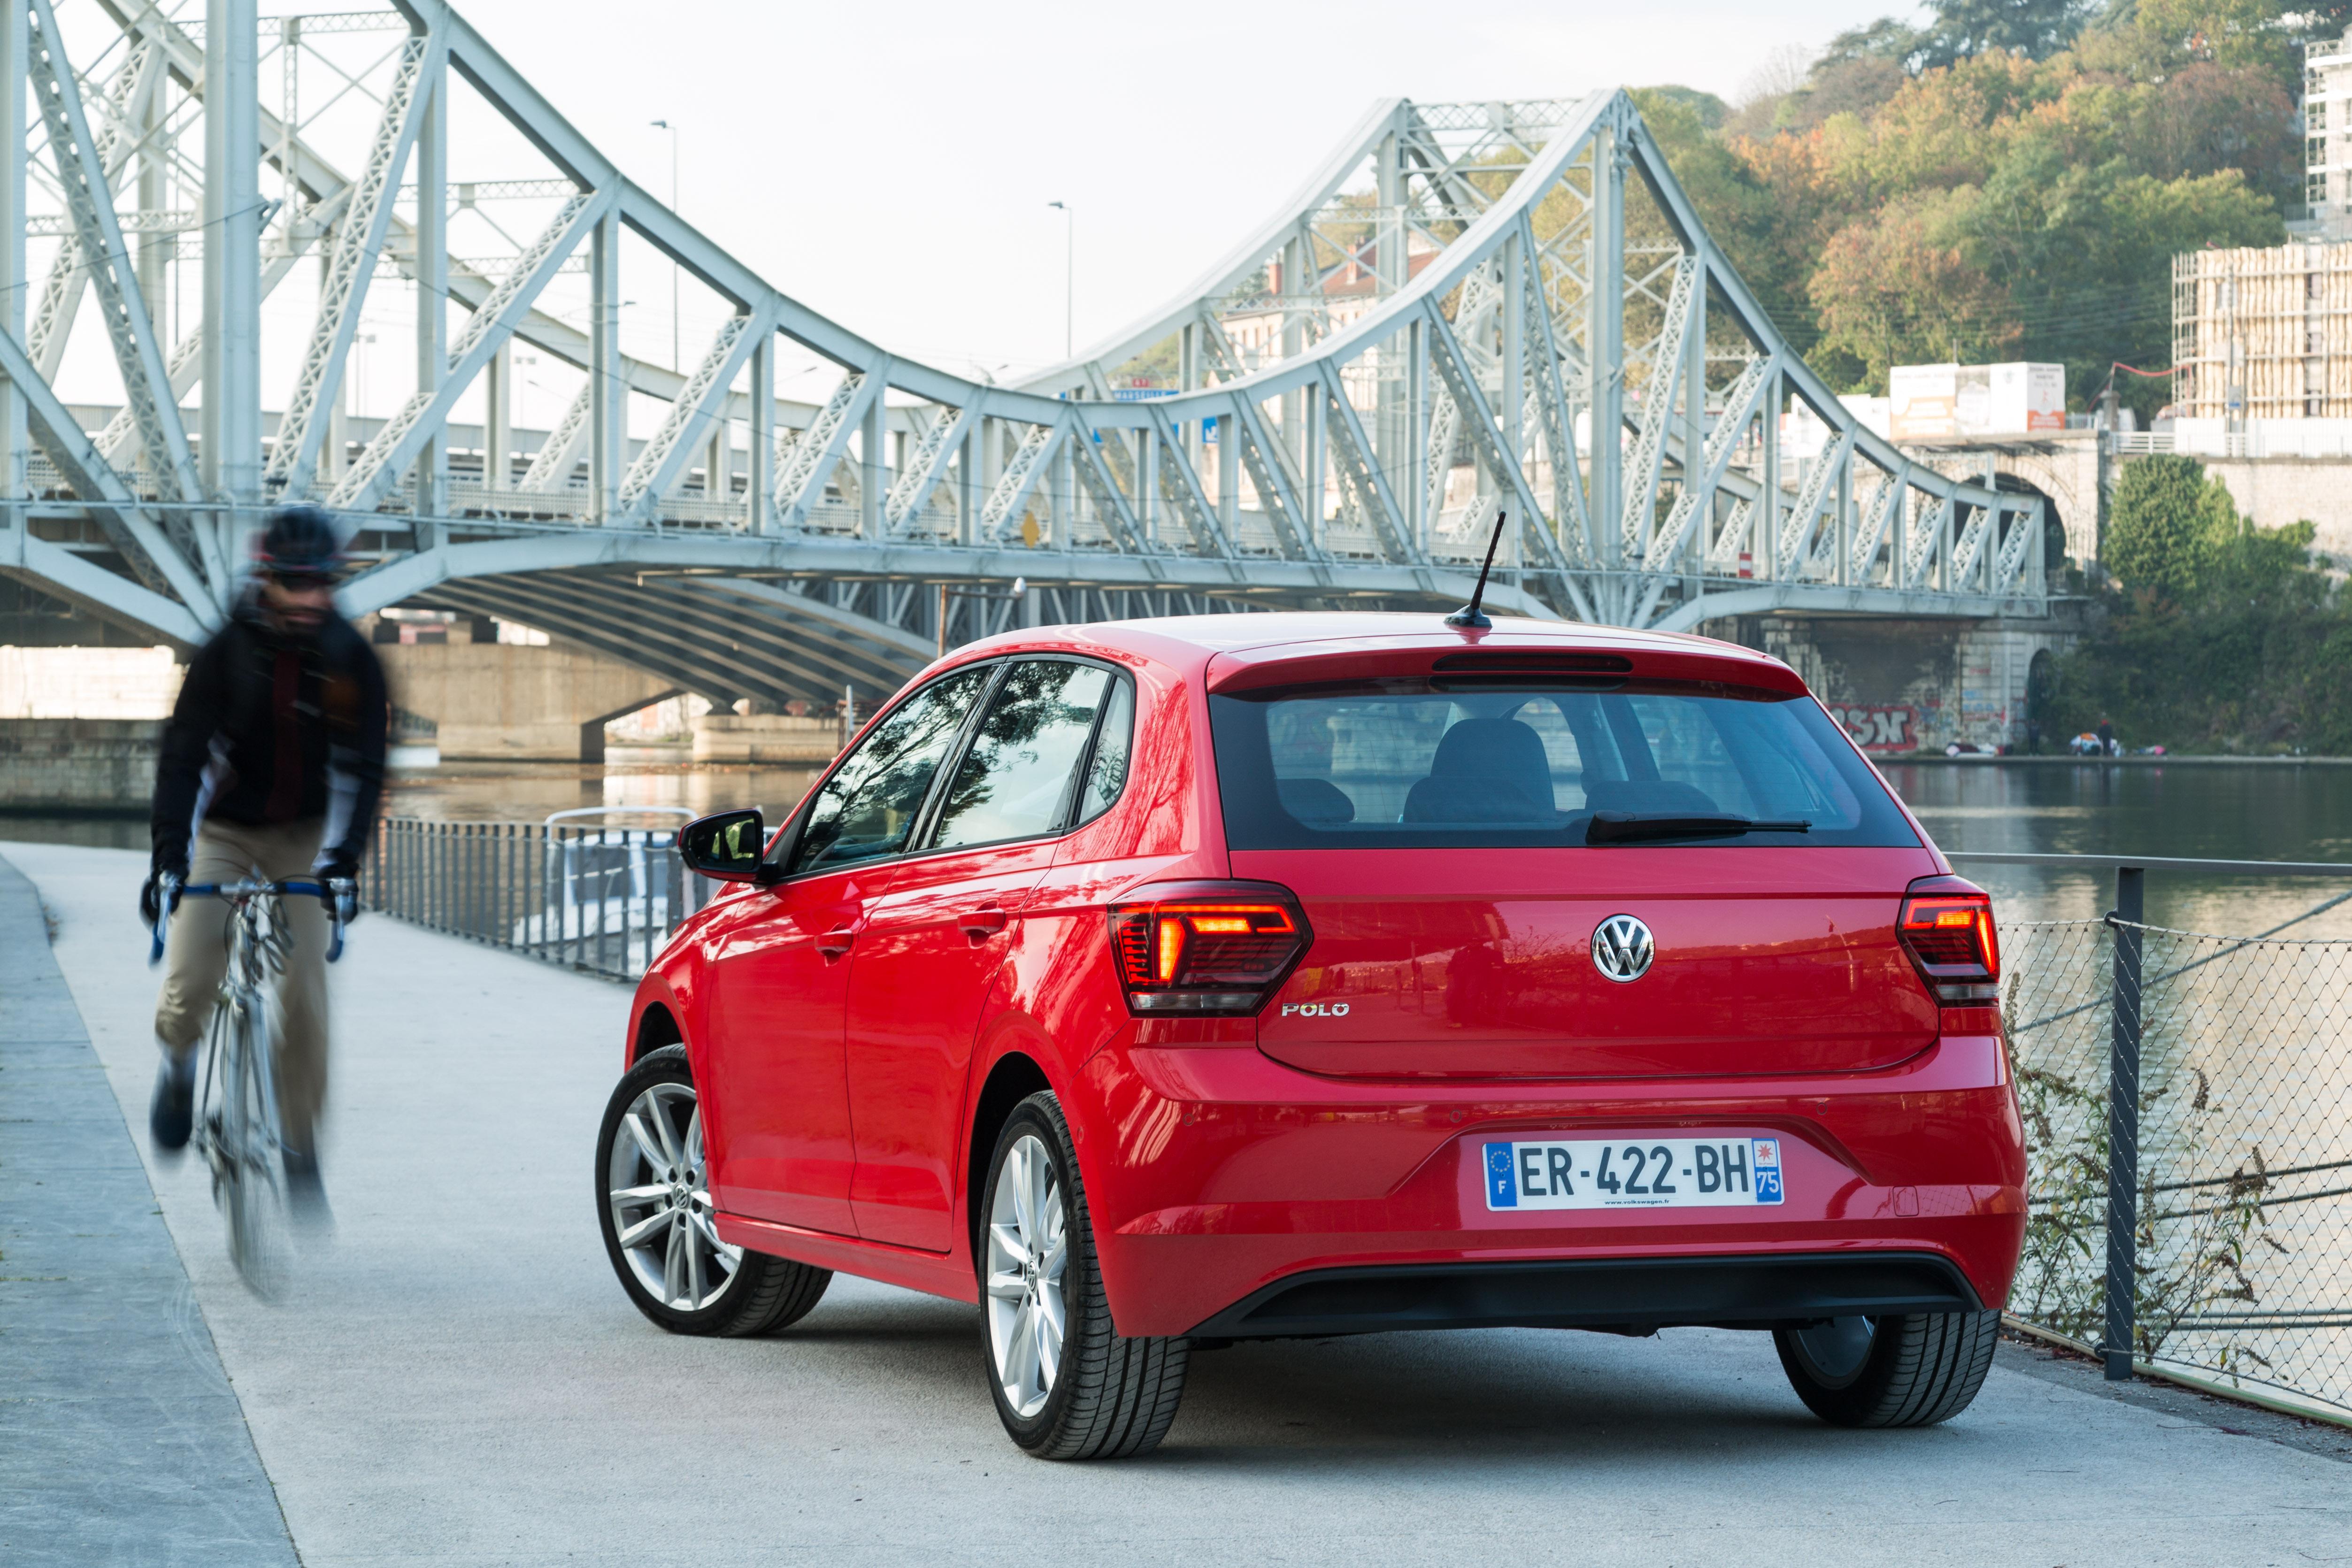 La Volkswagen Polo GTI R5 — Bientôt en ERC